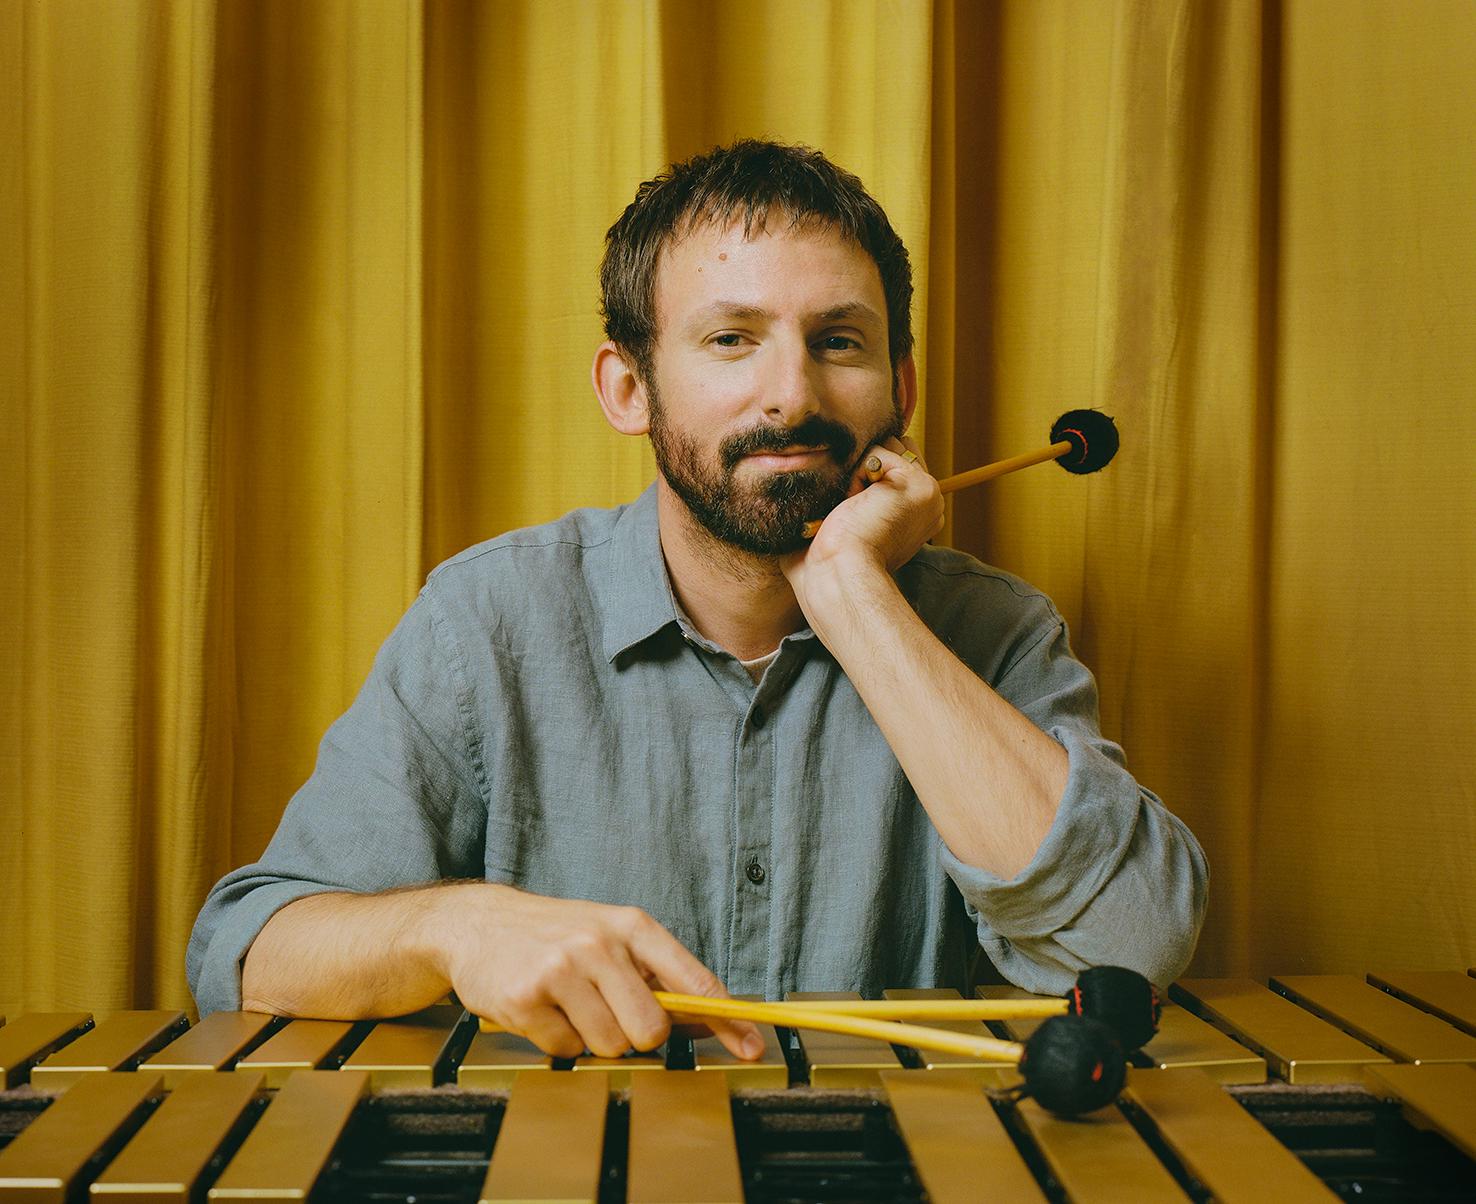 Chris Dingman